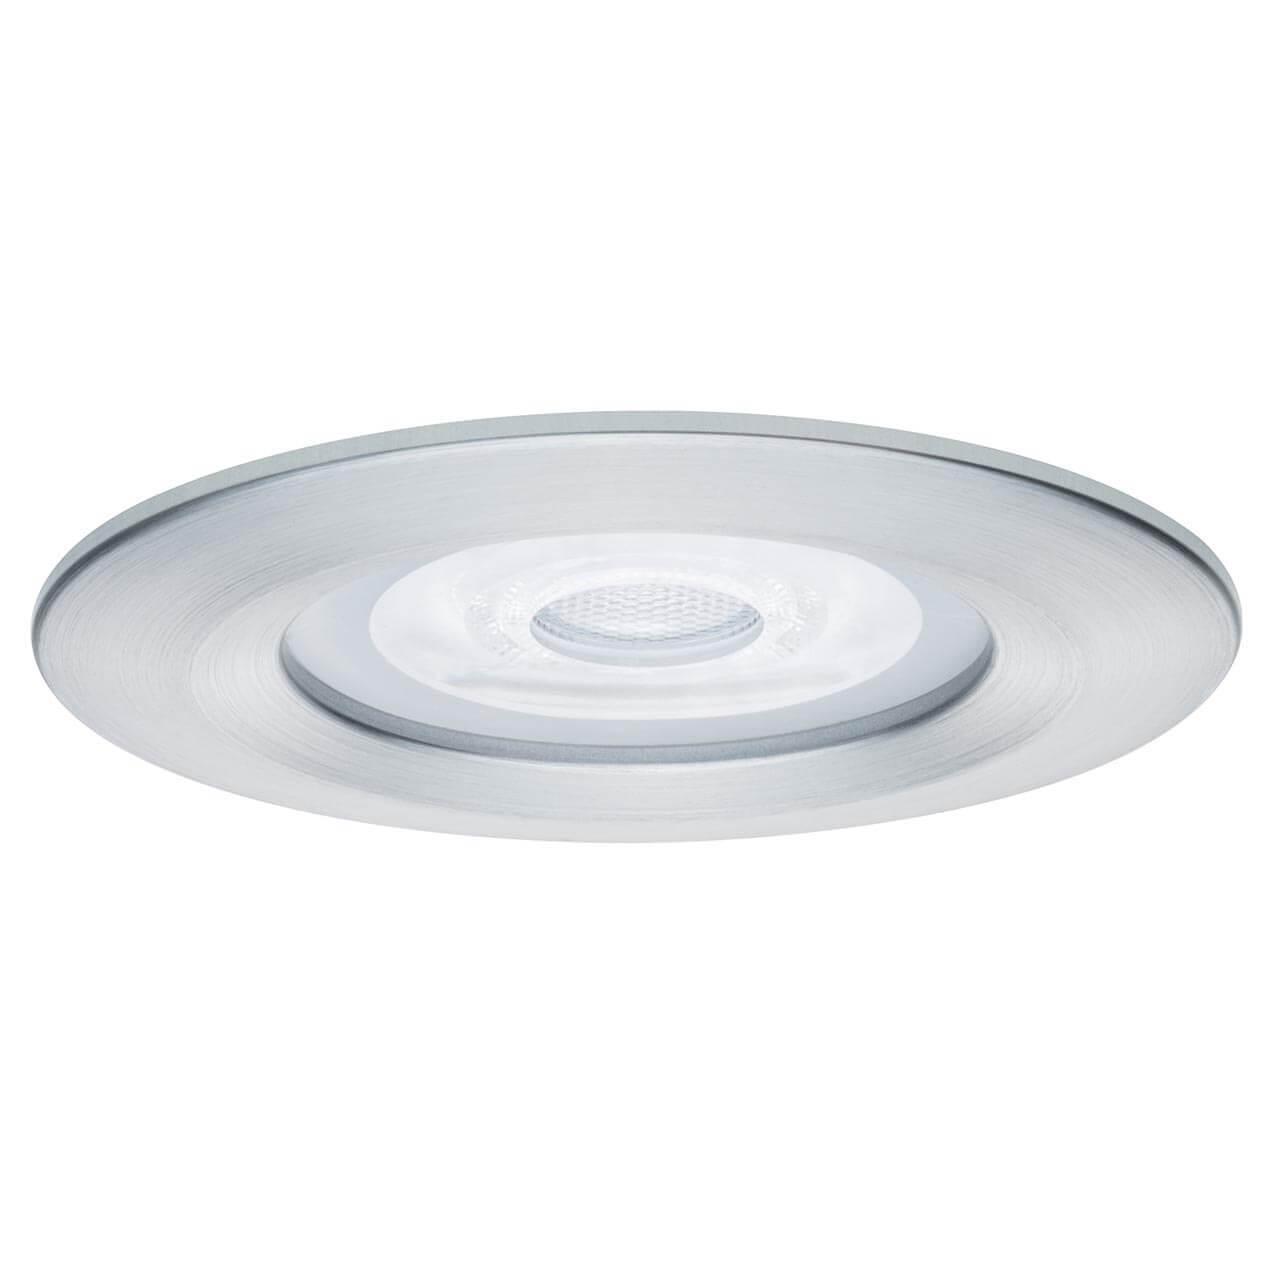 Встраиваемый светодиодный светильник Paulmann Nova 93594